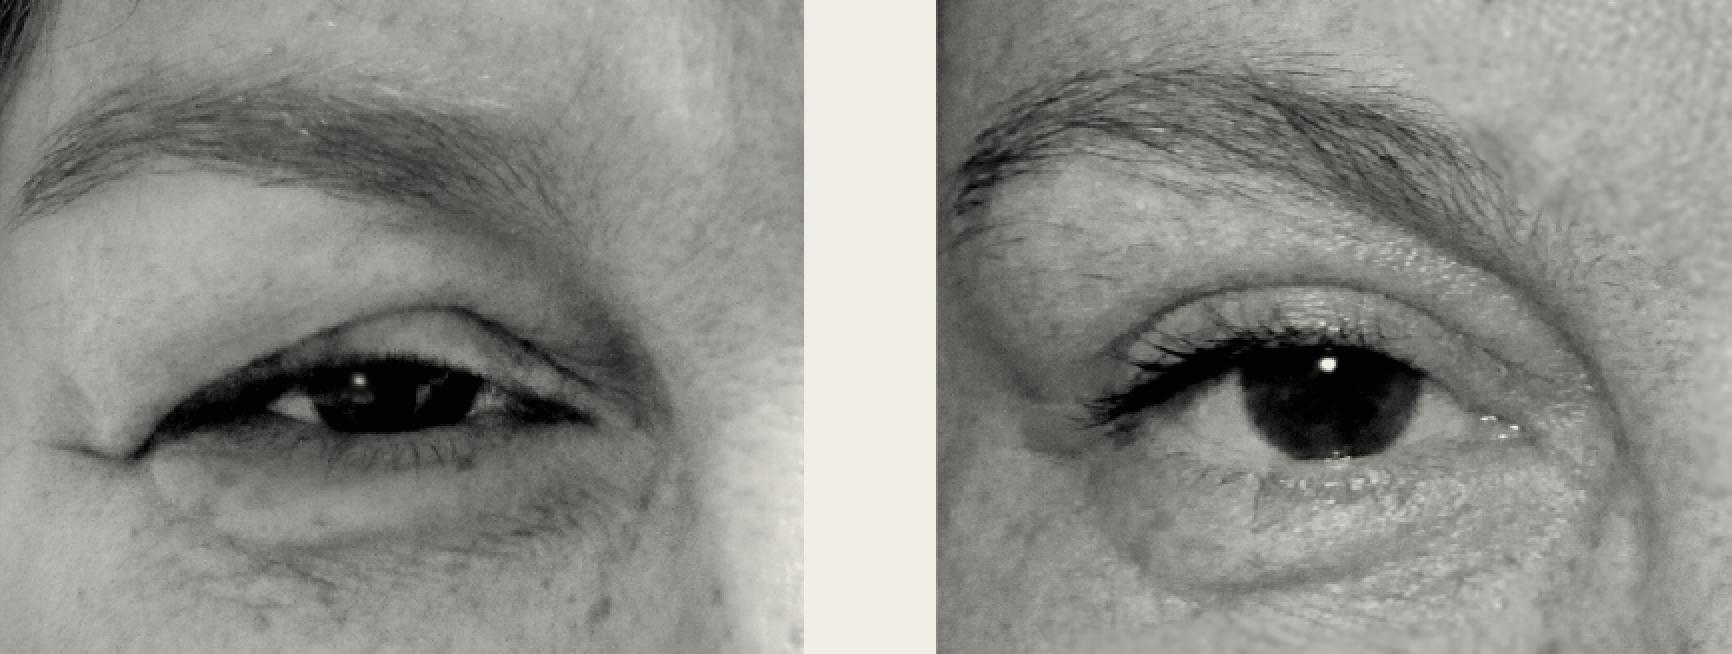 operation af øjenlåg gratis